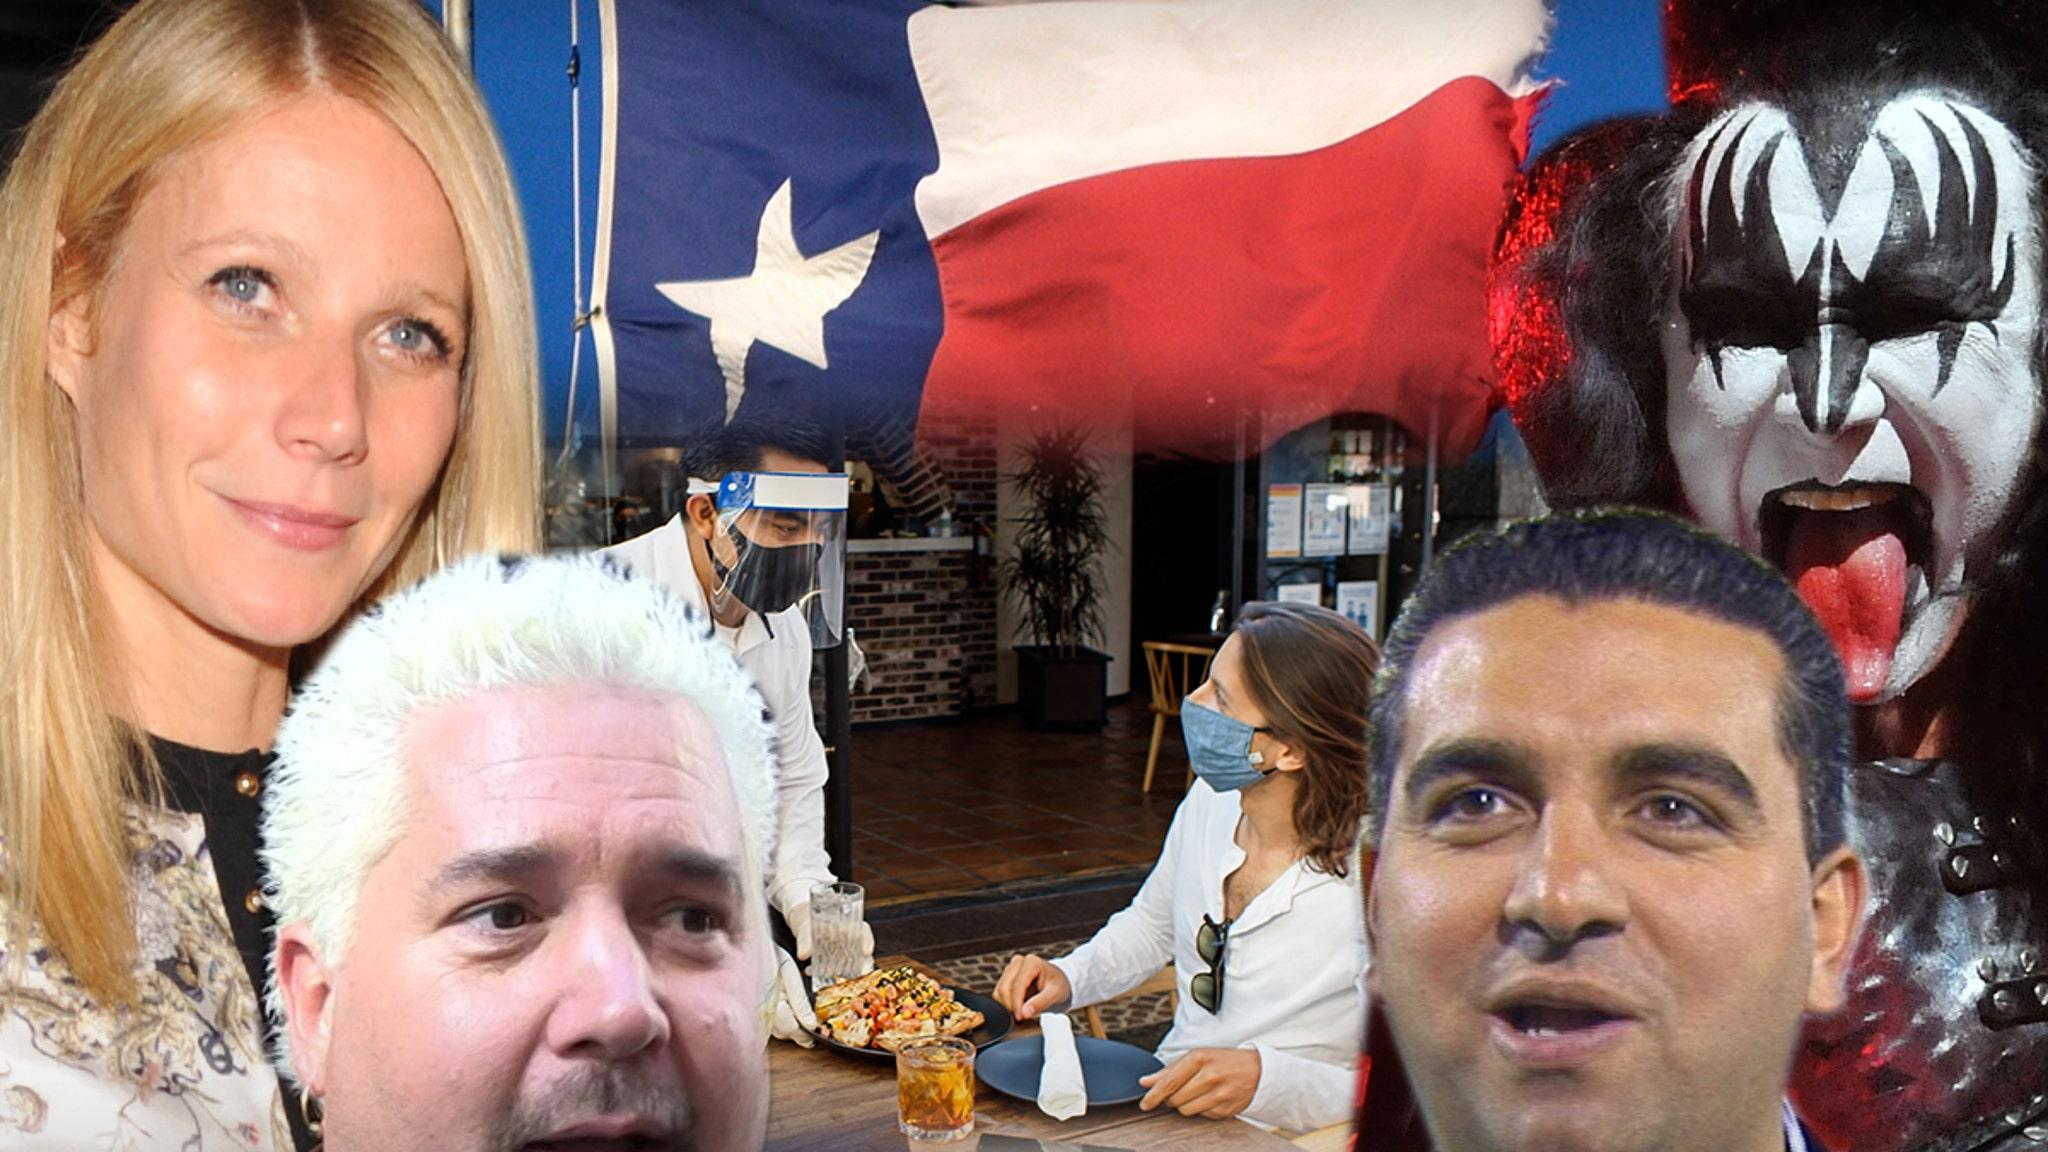 Большинство техасских компаний, принадлежащих знаменитостям, отказываются от губернатора Аббата из-за маскировки